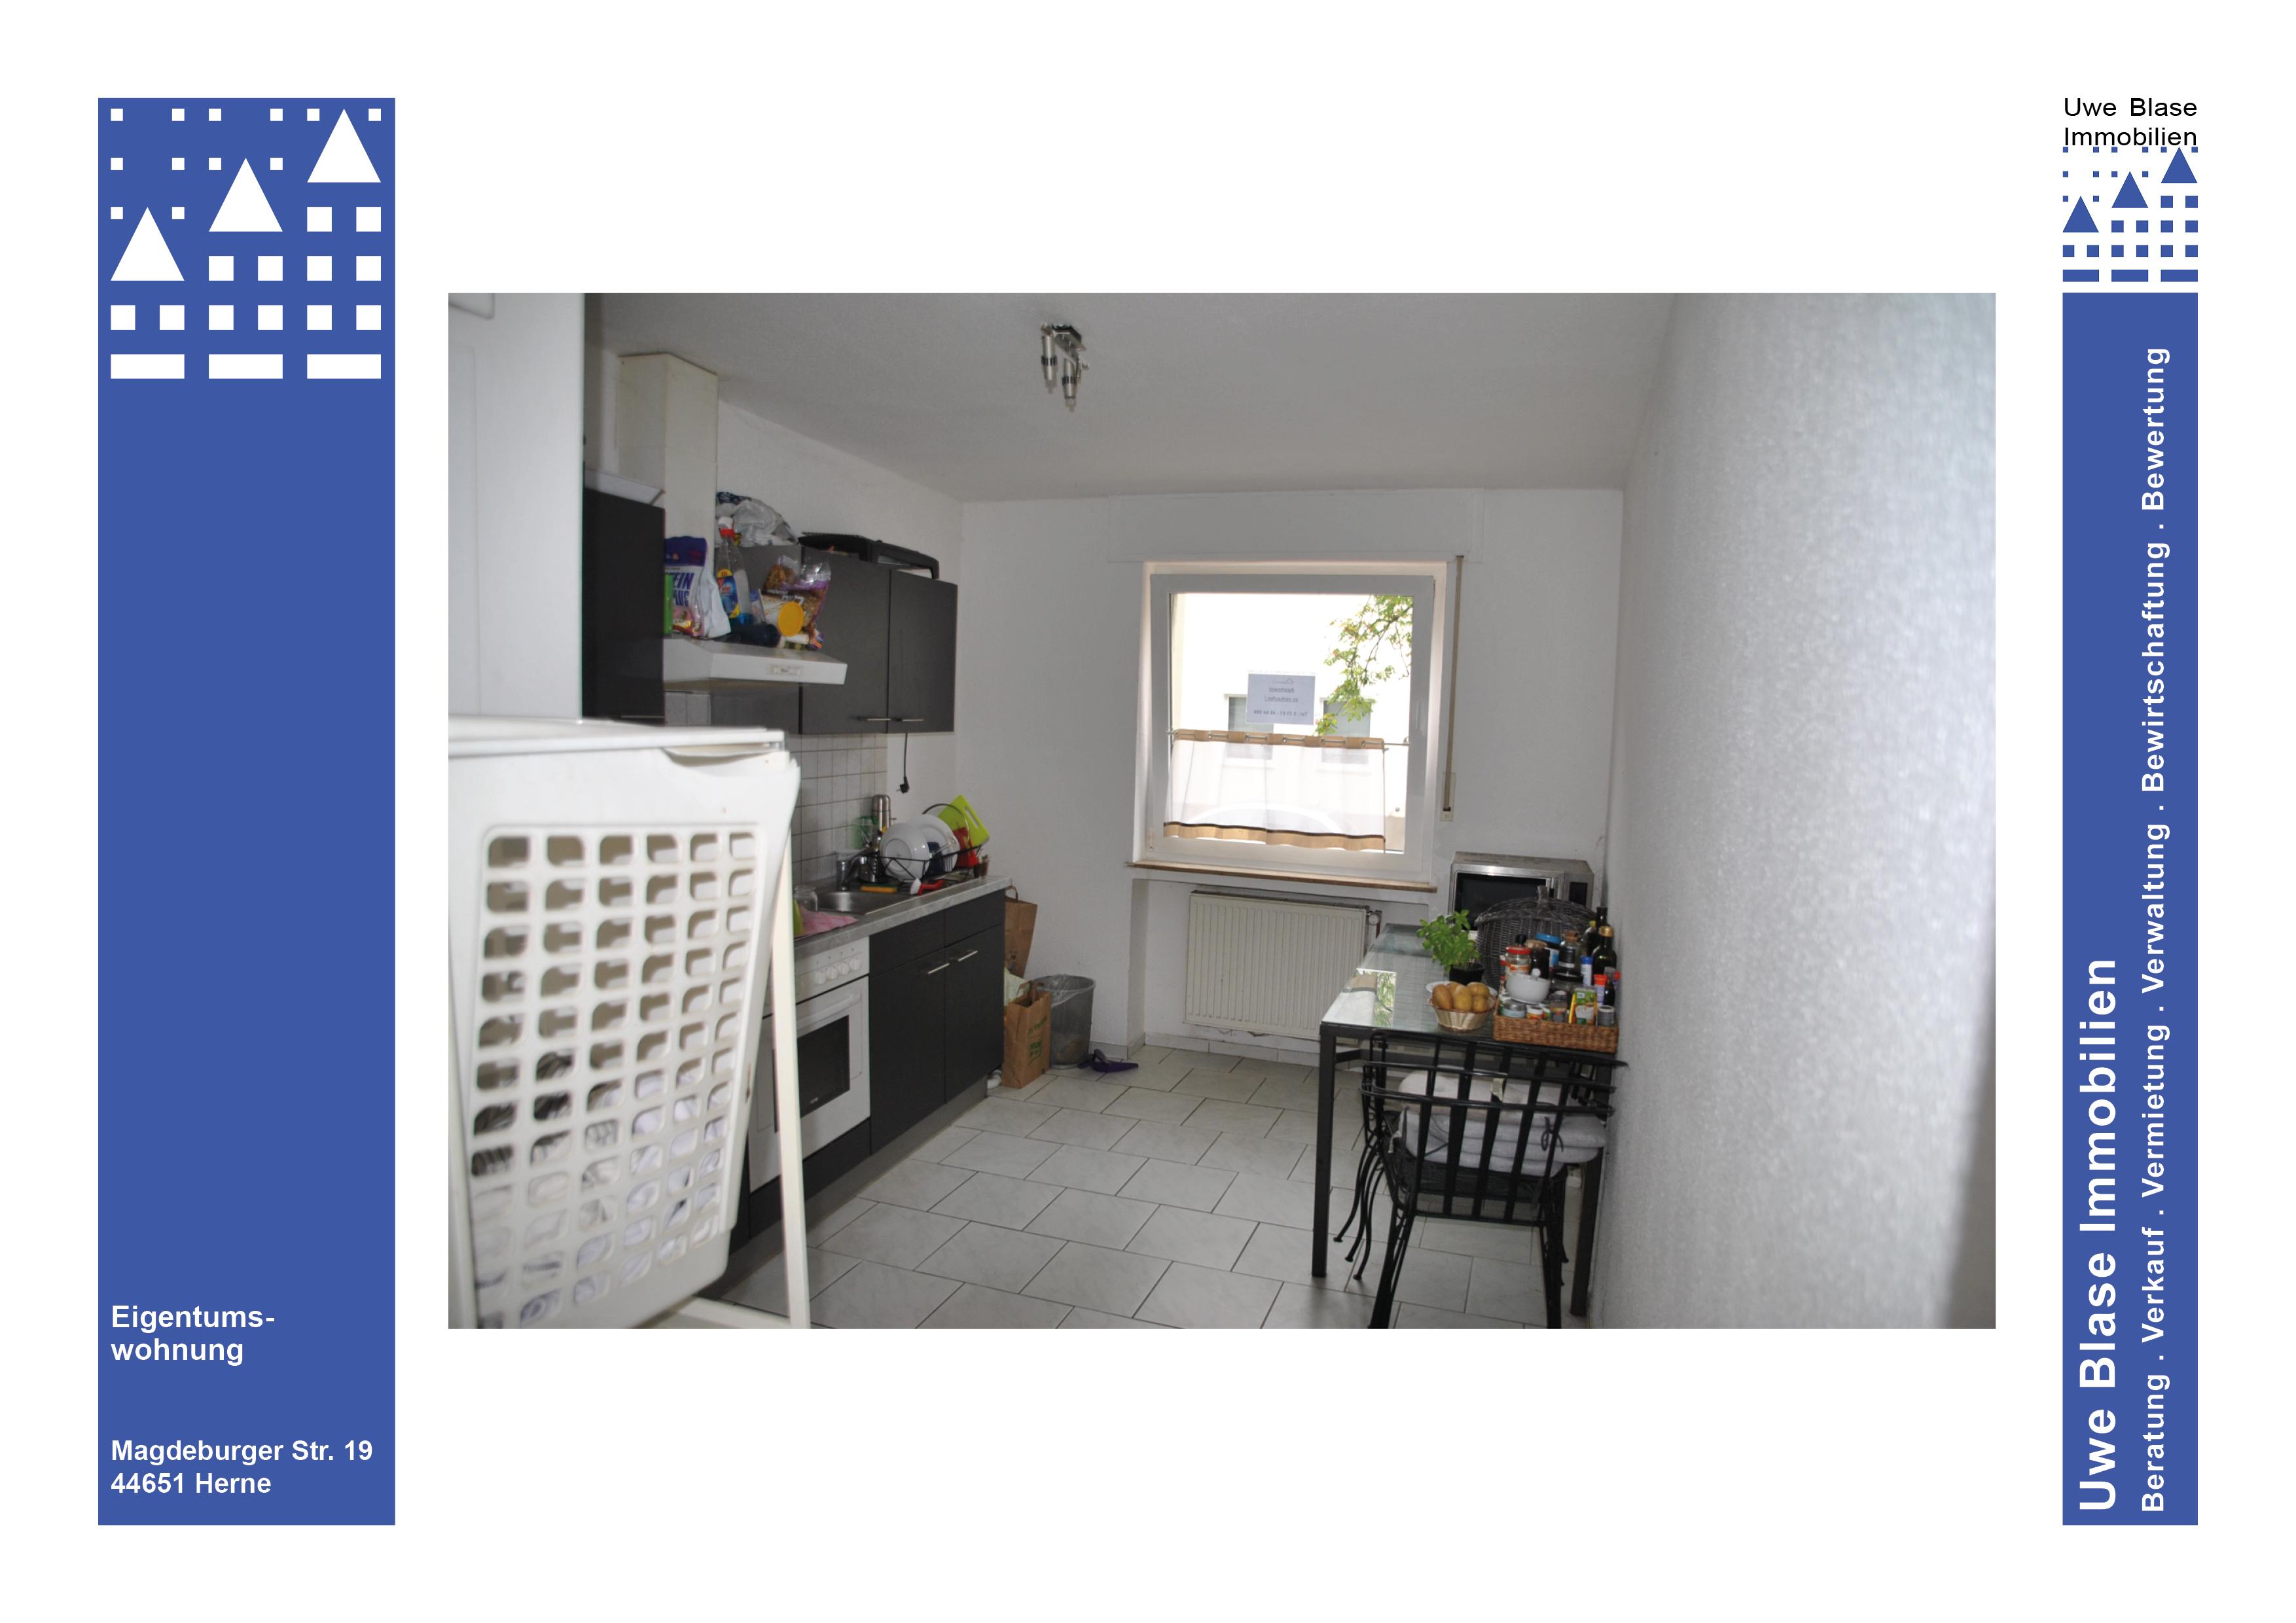 Vermietete 1-Zimmer Kapitalanlage in gefragter Lage